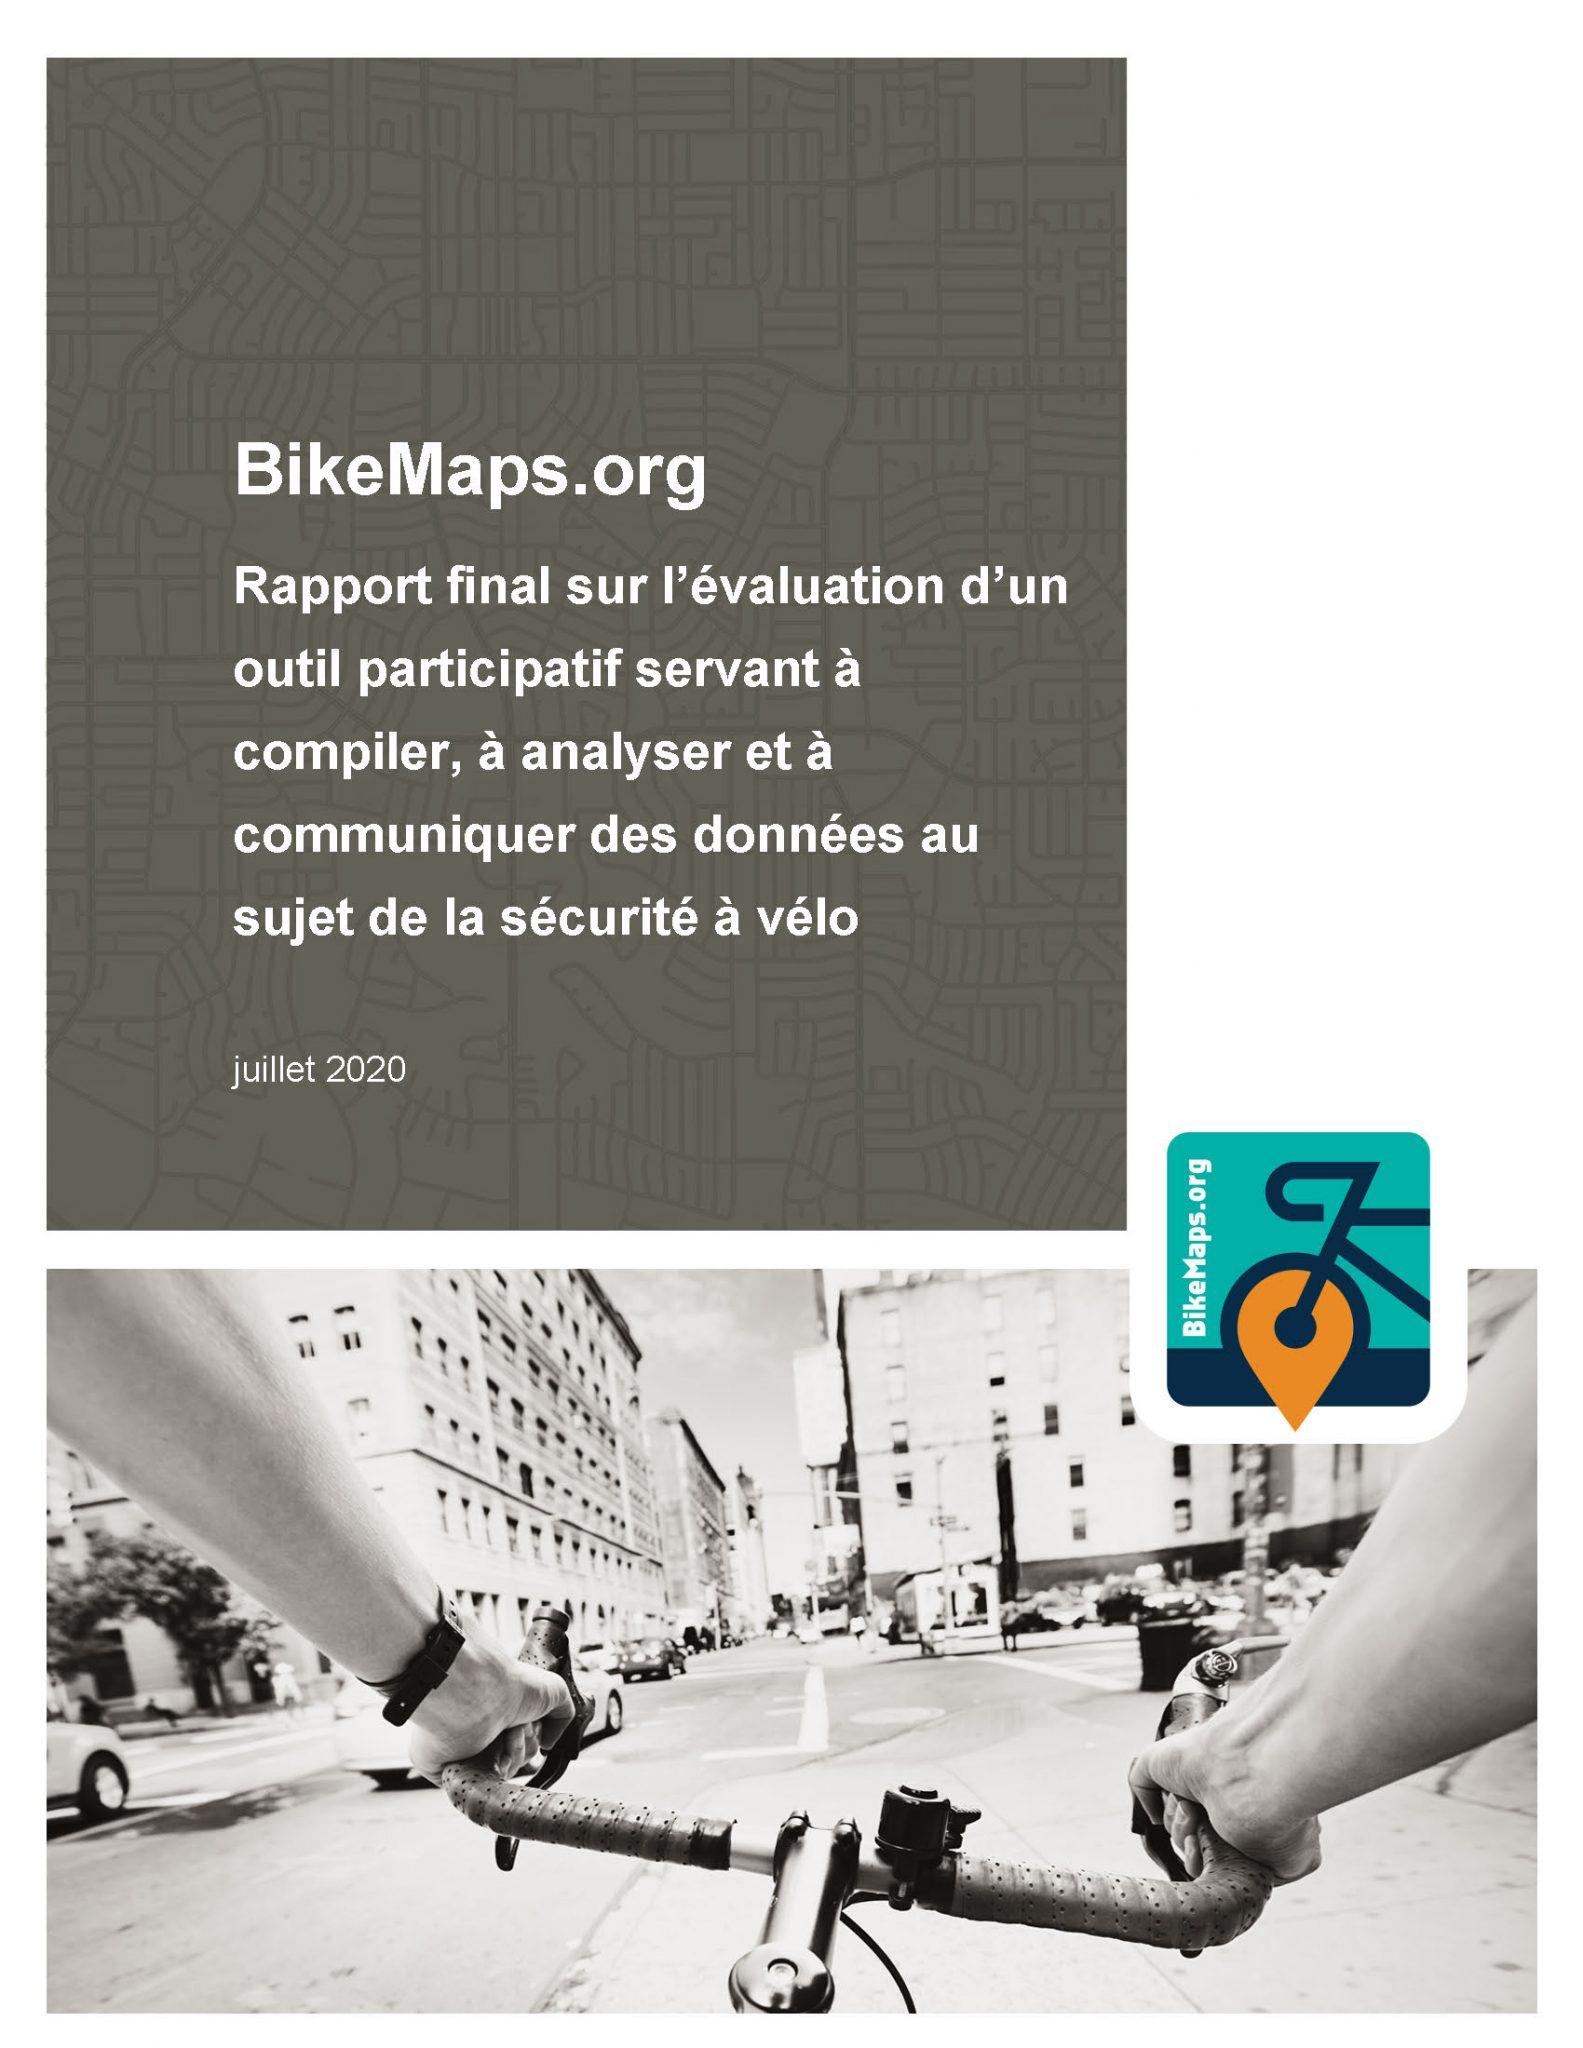 BikeMaps.org – Rapport final sur l'évaluation d'un outil participatif servant à compiler, à analyser et à communiquer des données au sujet de la sécurité à vélo